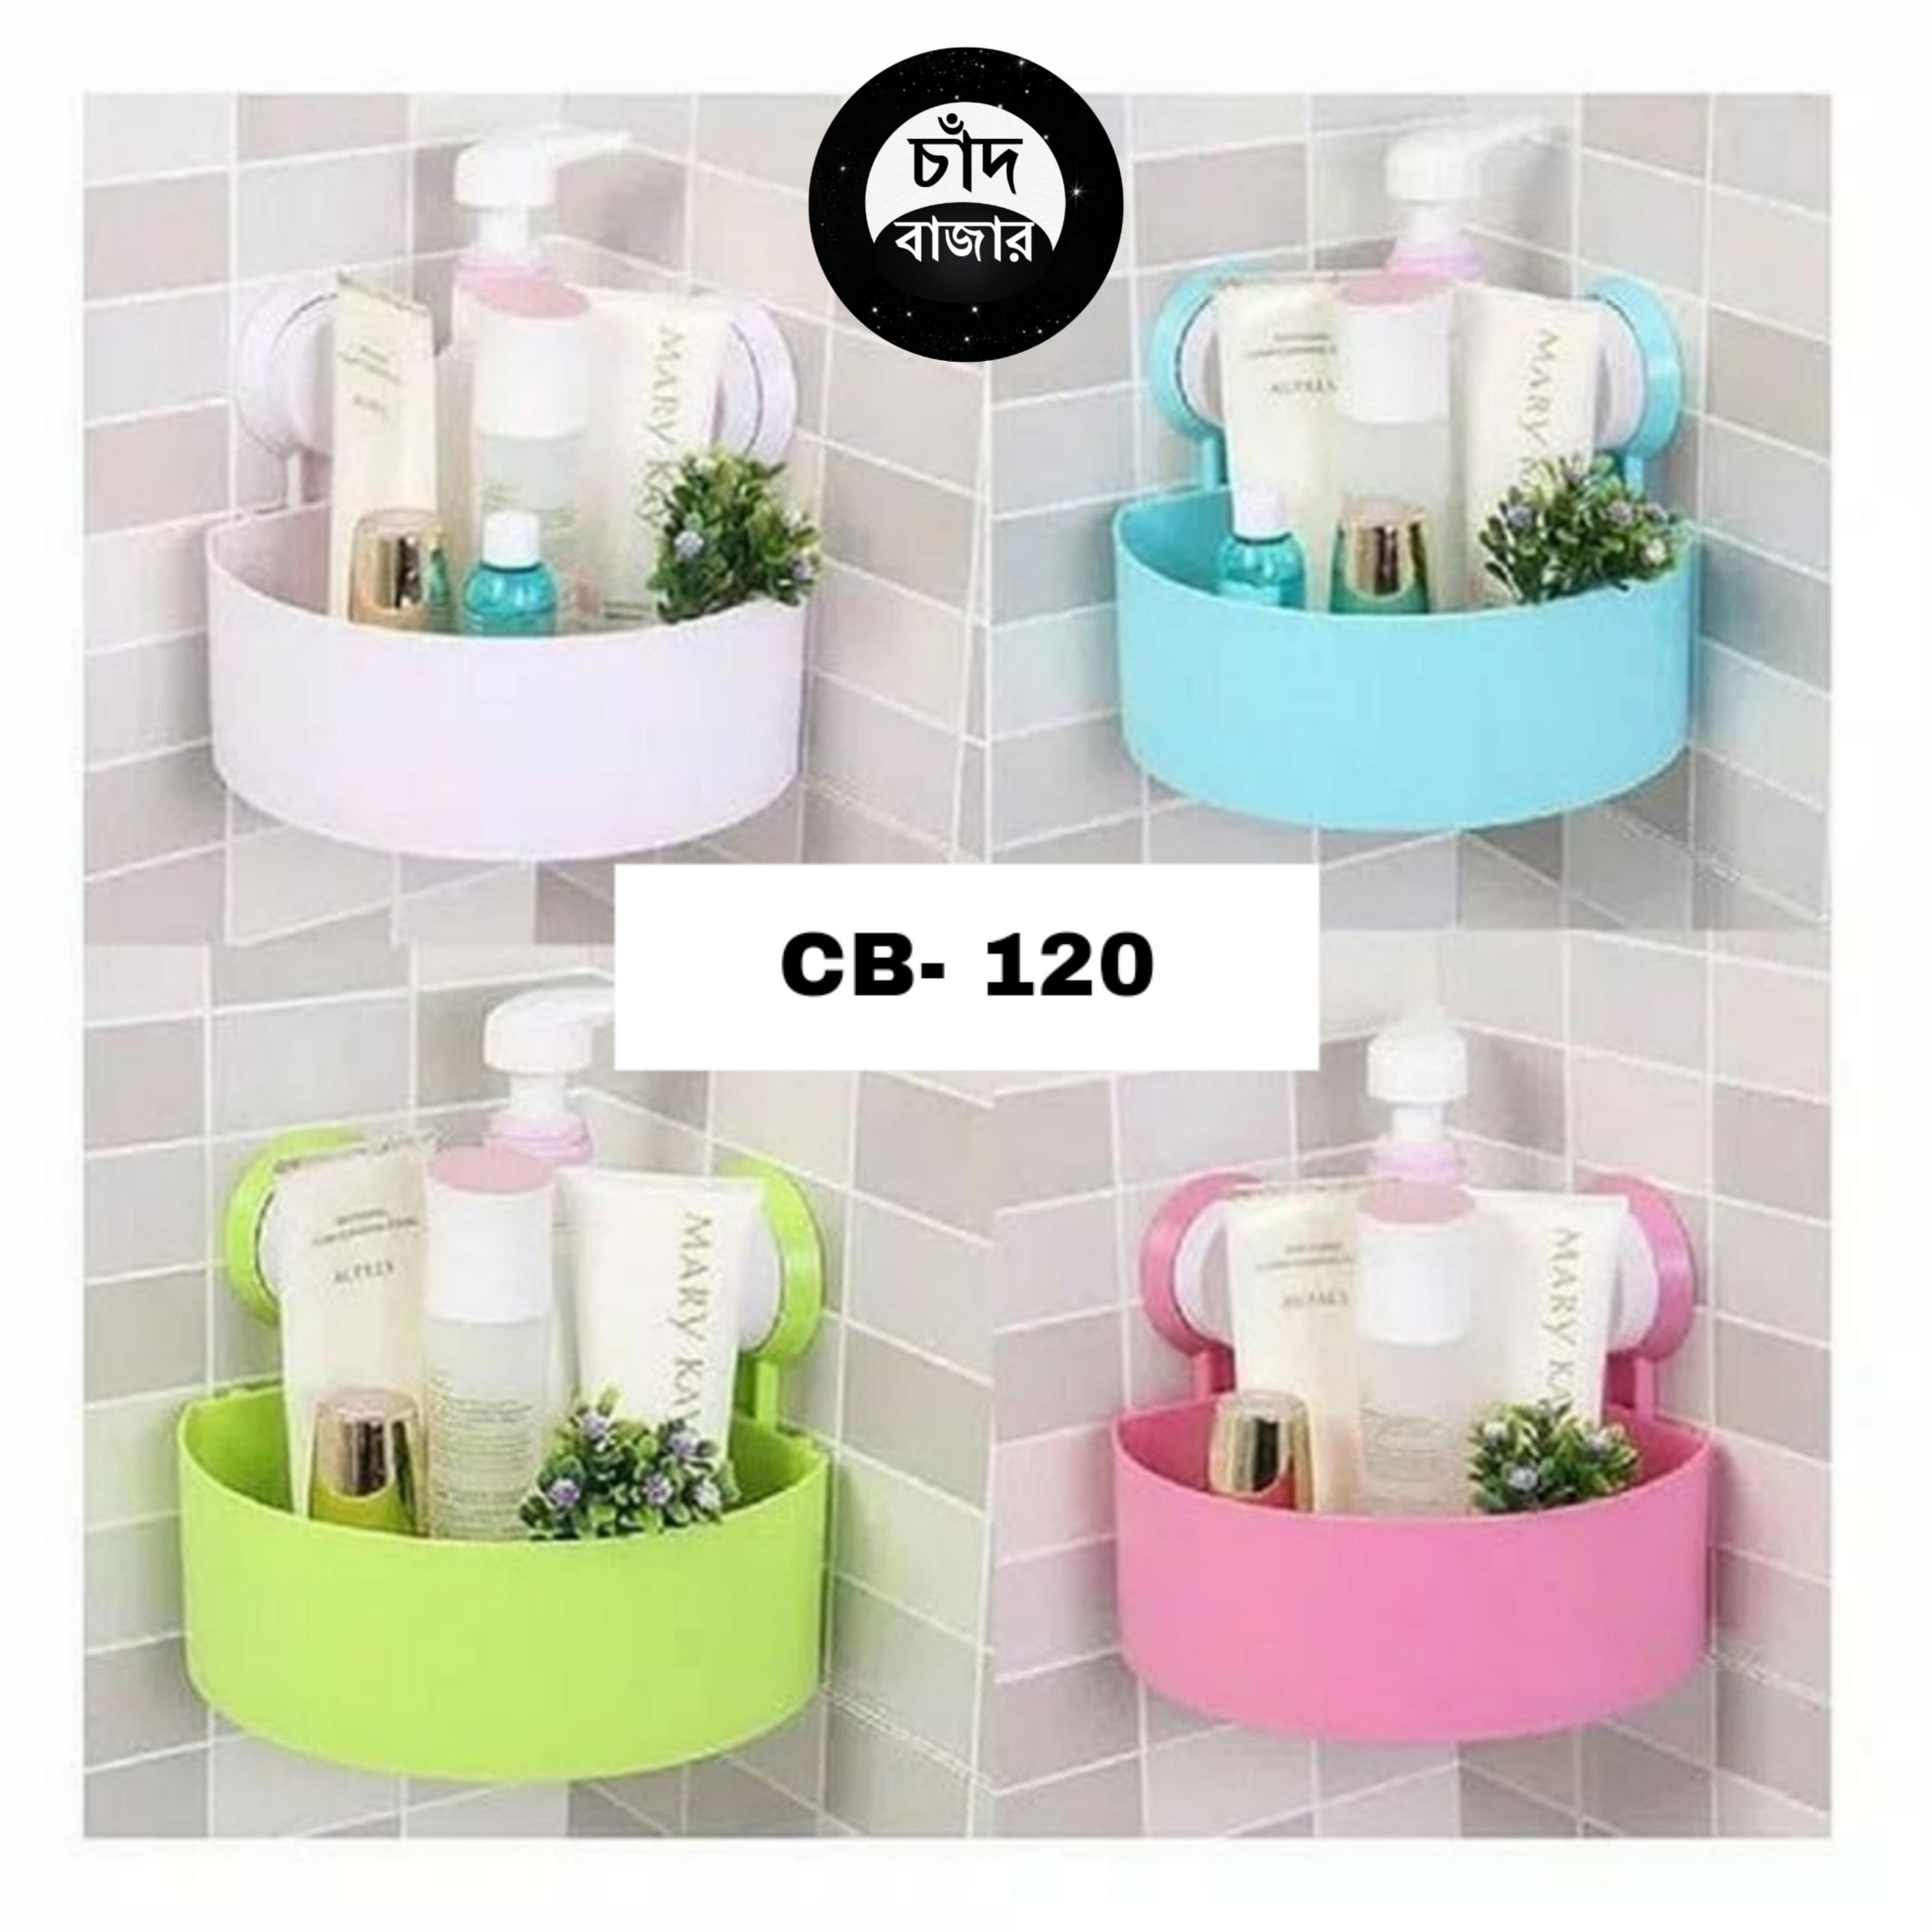 Triangle Shelves For Bathroom - 1pc